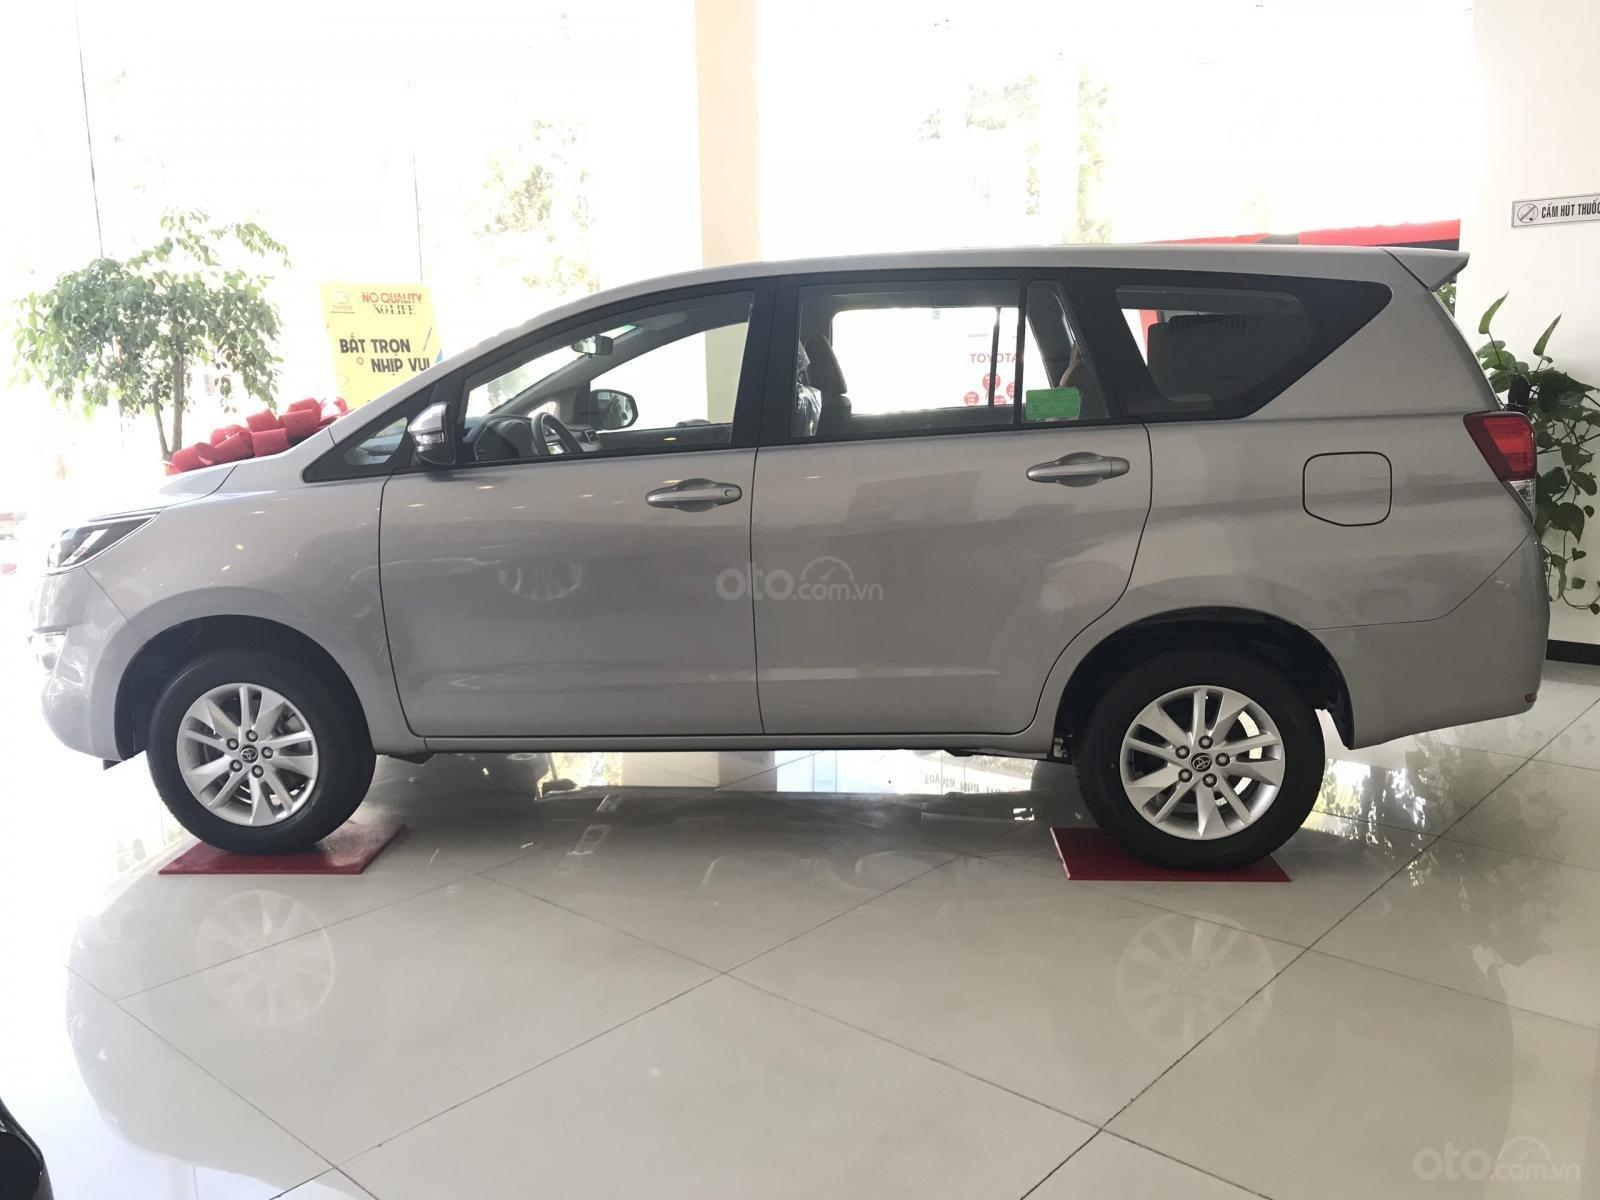 Cần bán xe Toyota Innova 2.0E SX 2019, màu xám, giá 771tr-1